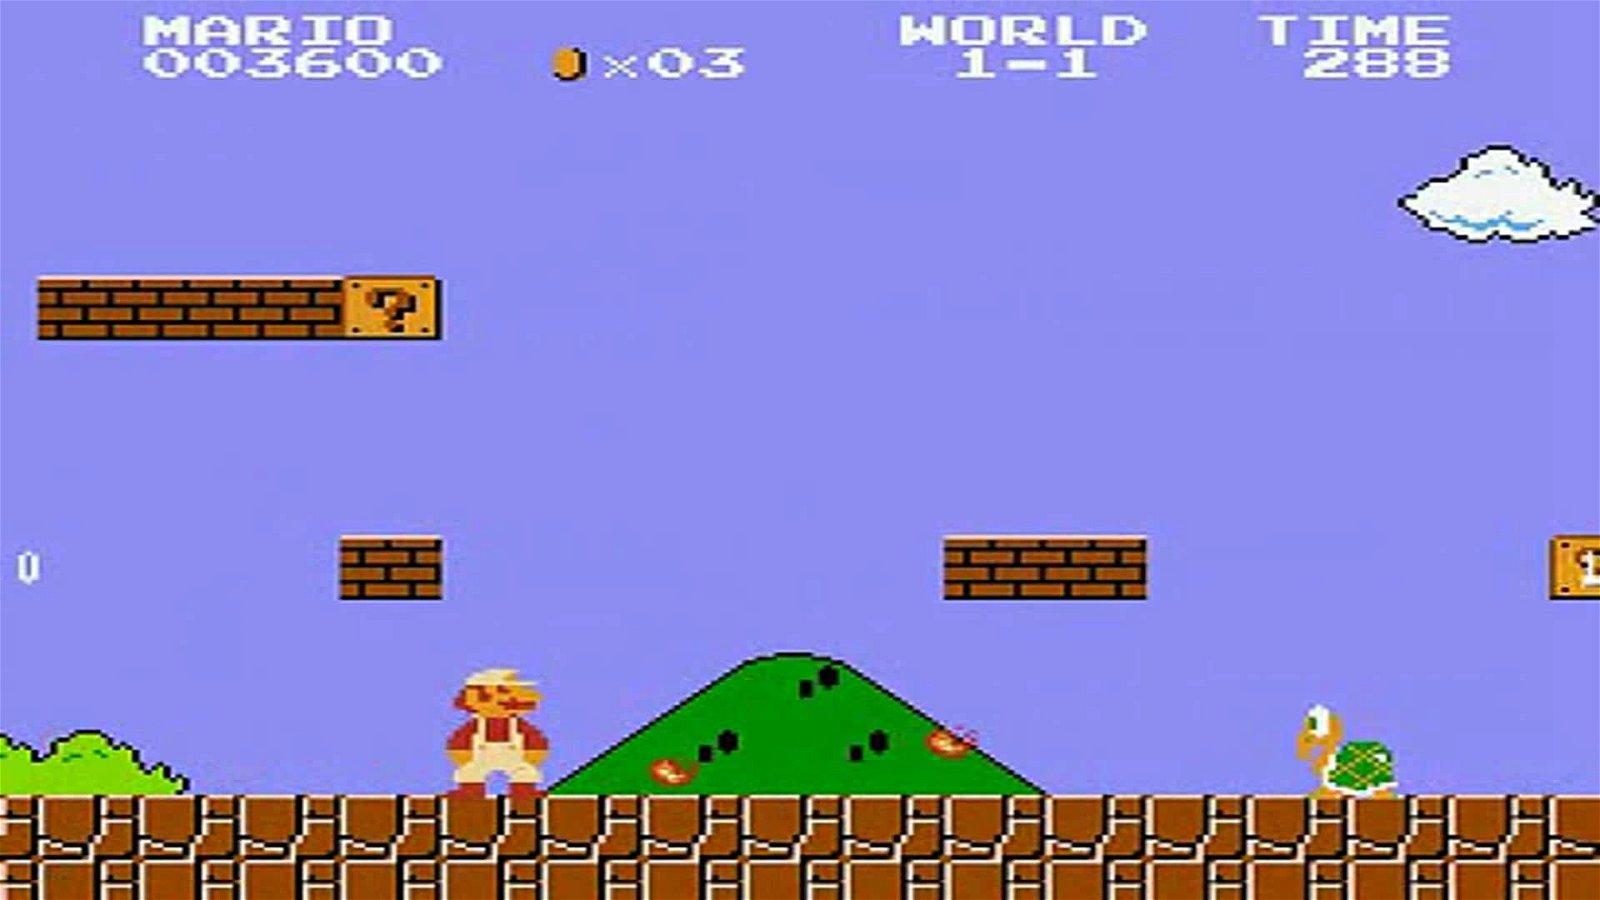 Este es el motivo por el que el récord de Super Mario Bros. se está batiendo tantas veces